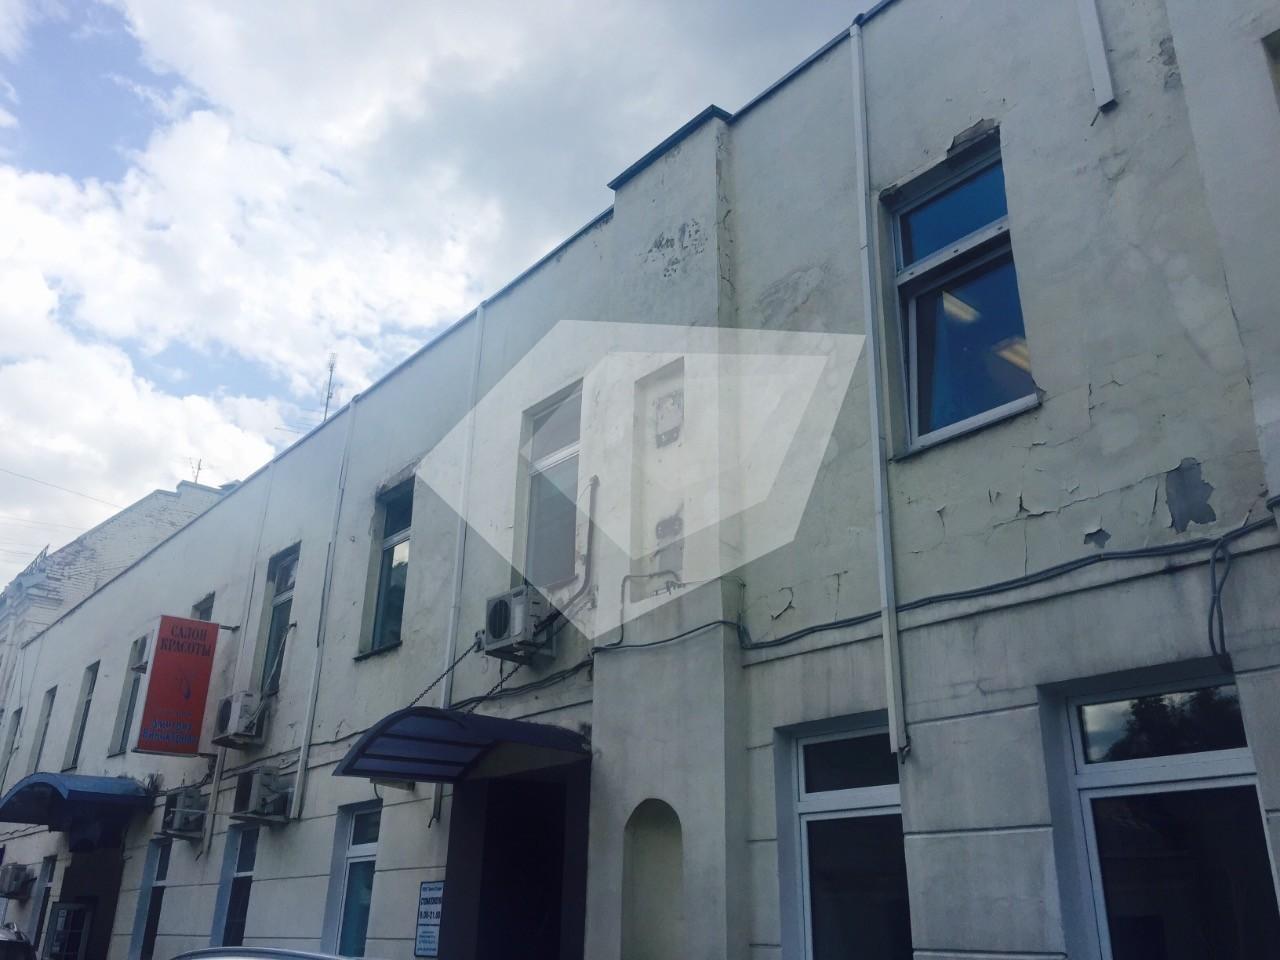 Арендовать офис Калашный переулок аренда офиса м. гражданский проспект